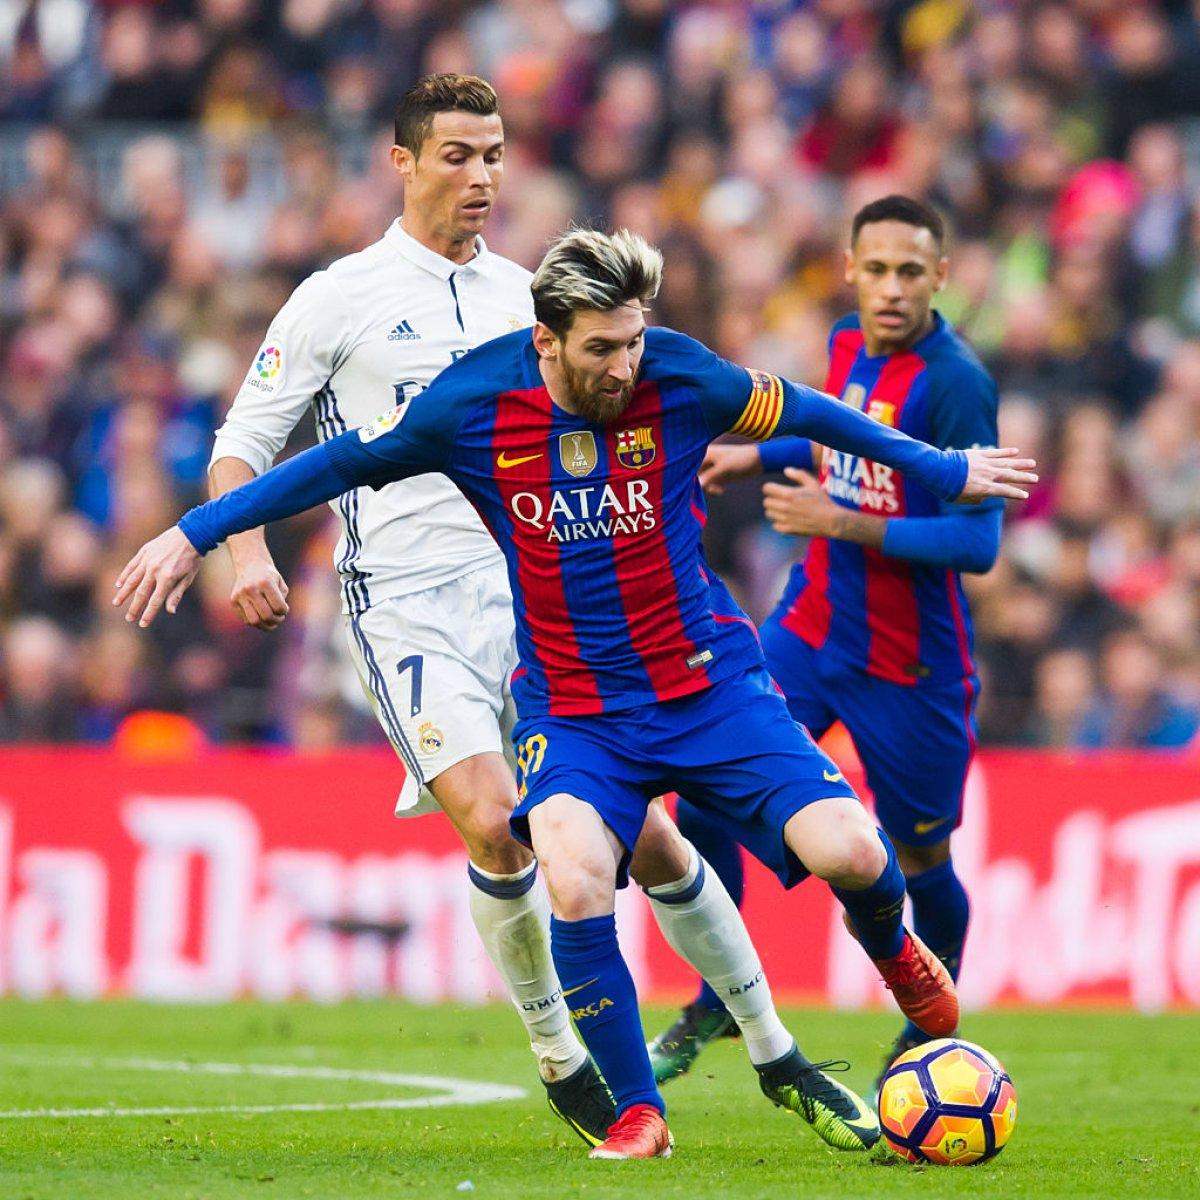 Este futbolista es más rico que Messi y Cristiano Ronaldo juntos sin ser profesional